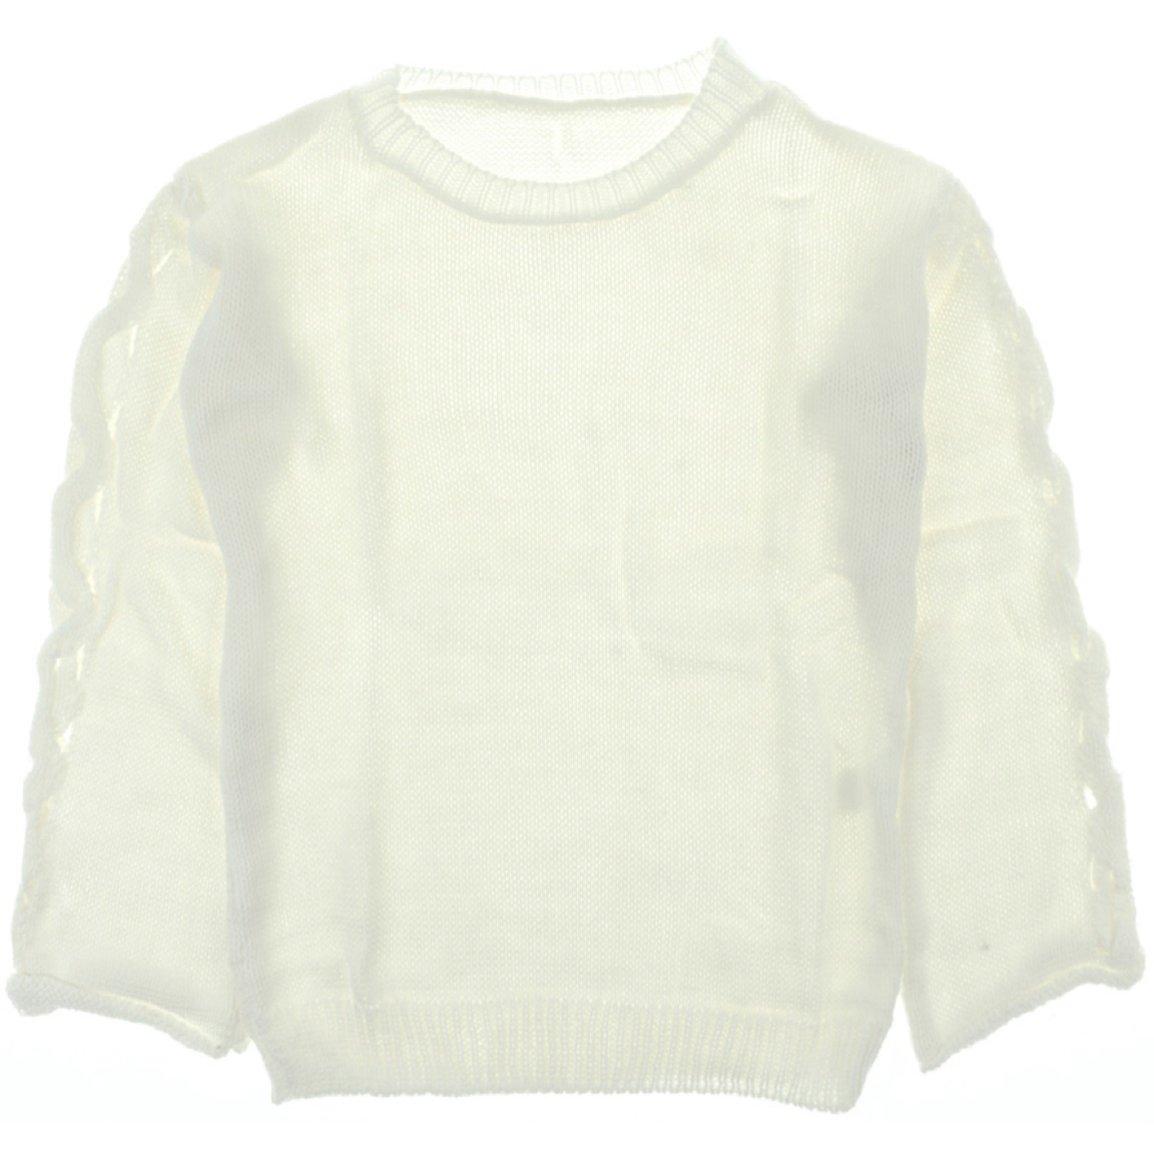 ΑΖ γυναικεία πλεκτή μπλούζα «Ecru Dressing Down»